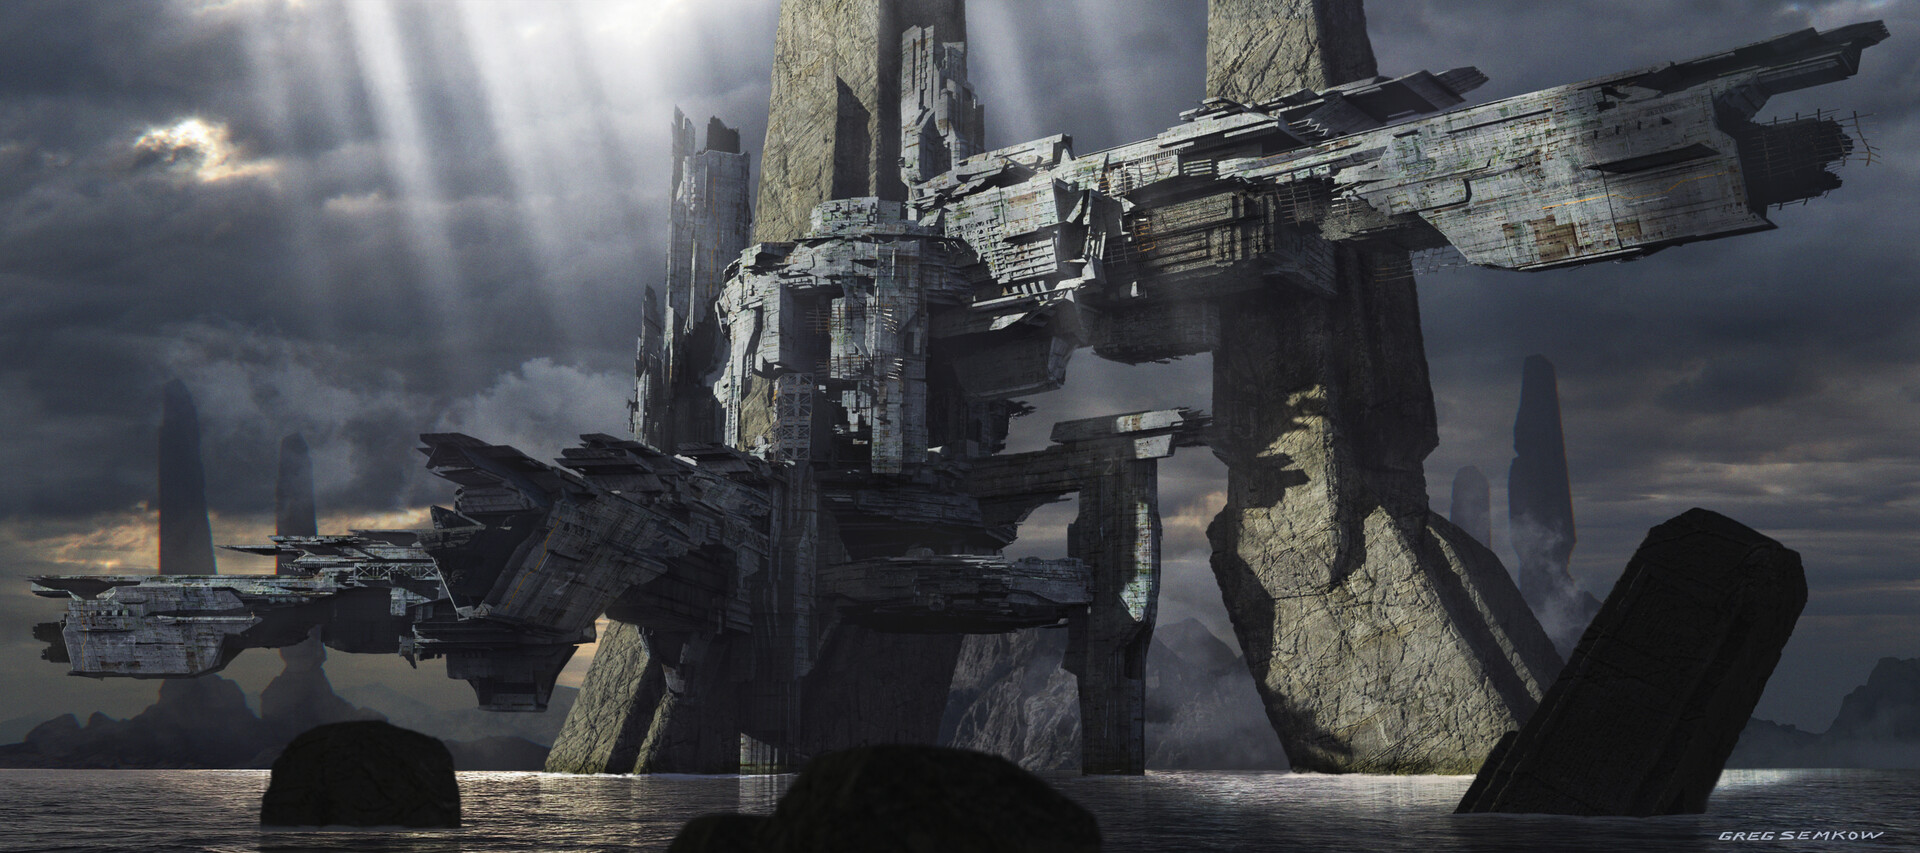 Greg semkow ruins settlement